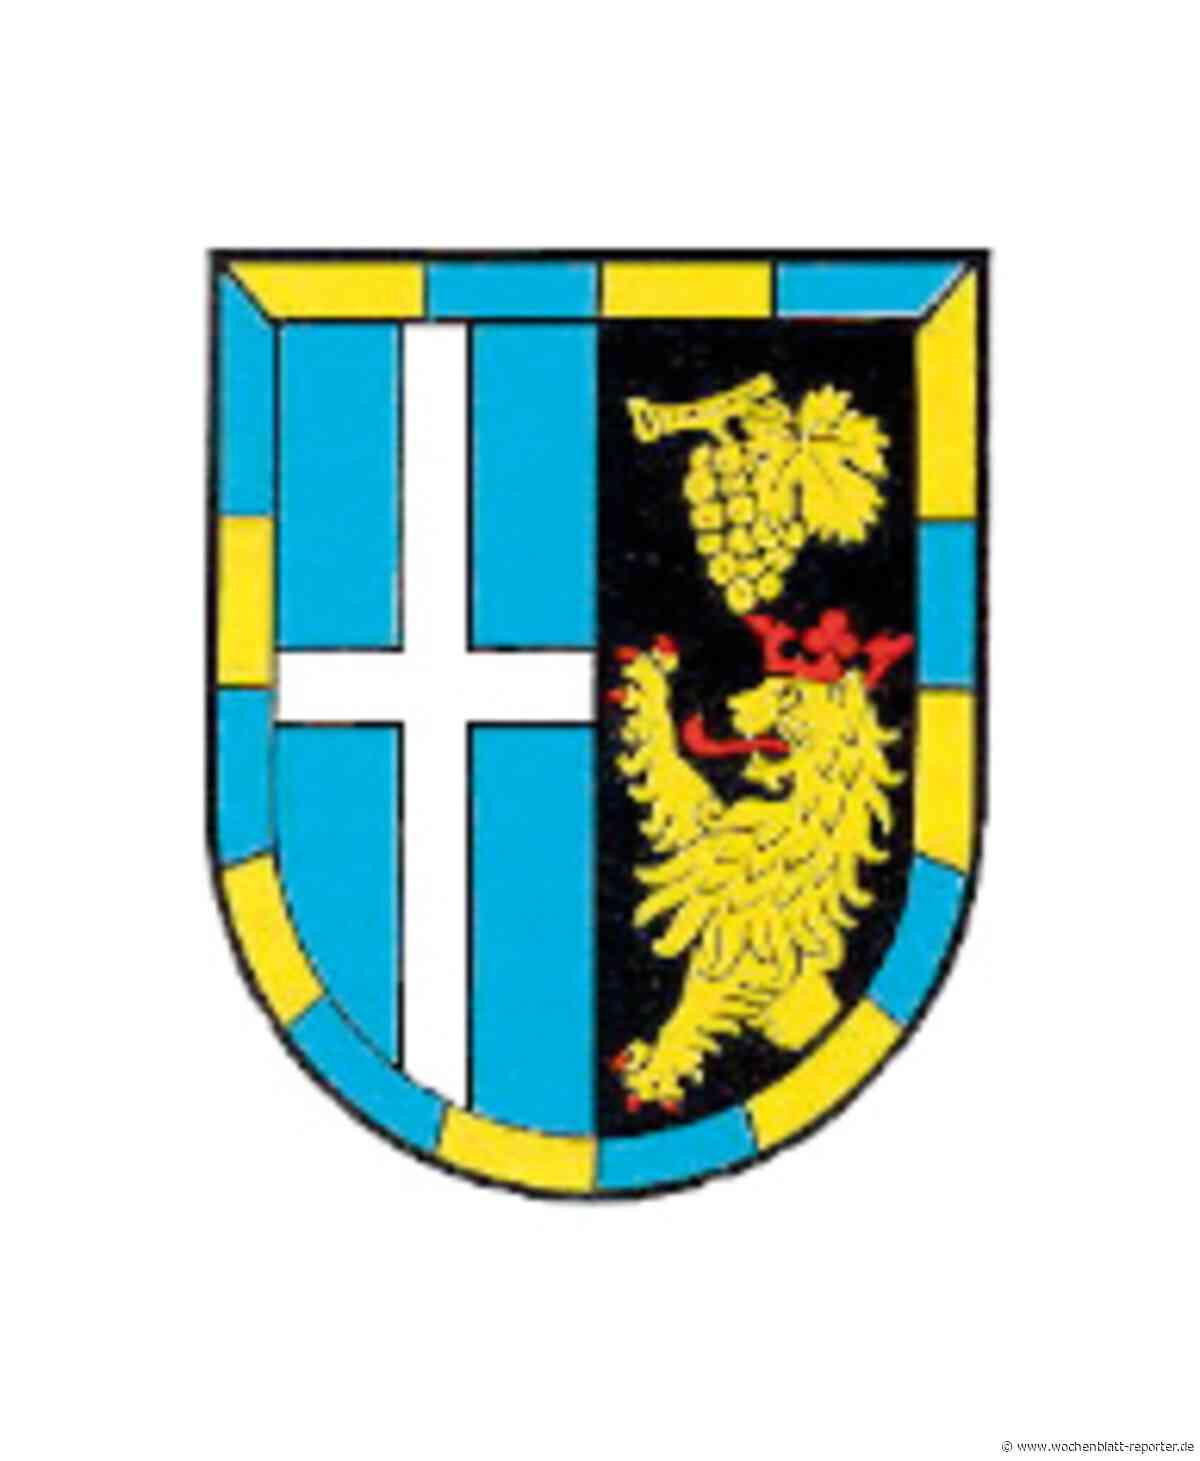 Verbandsgemeindeverwaltung Deidesheim aus Deidesheim - Wochenblatt-Reporter